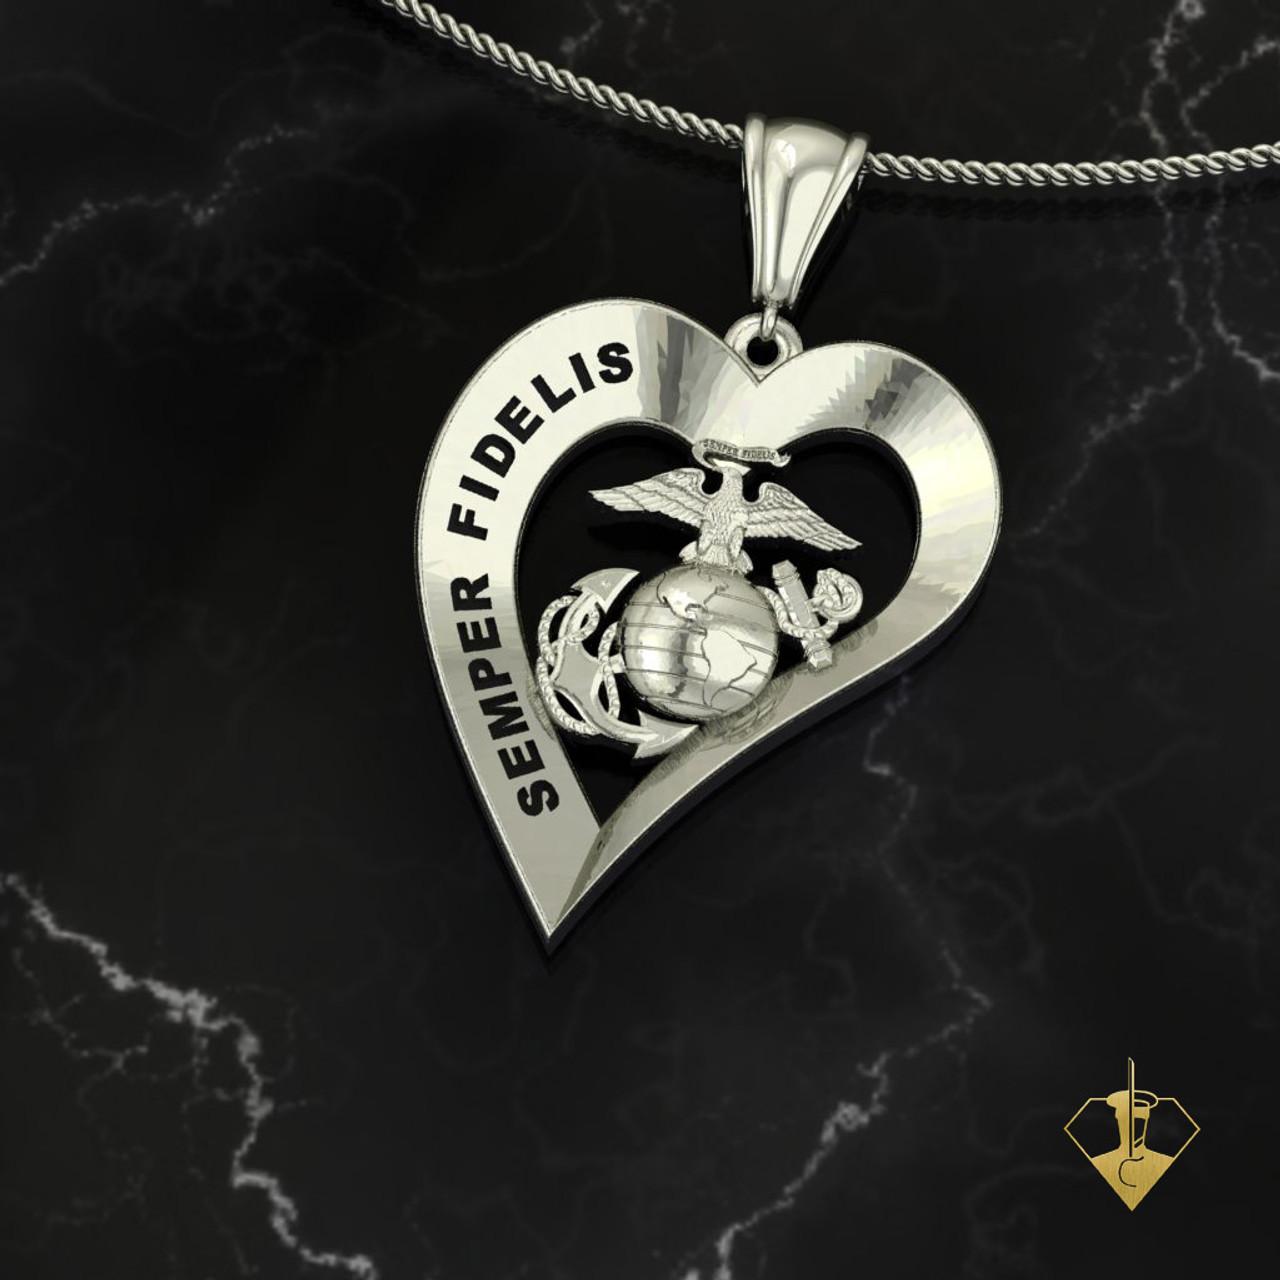 SEMPER FIDELIS Heart Pendant White Gold or Silver